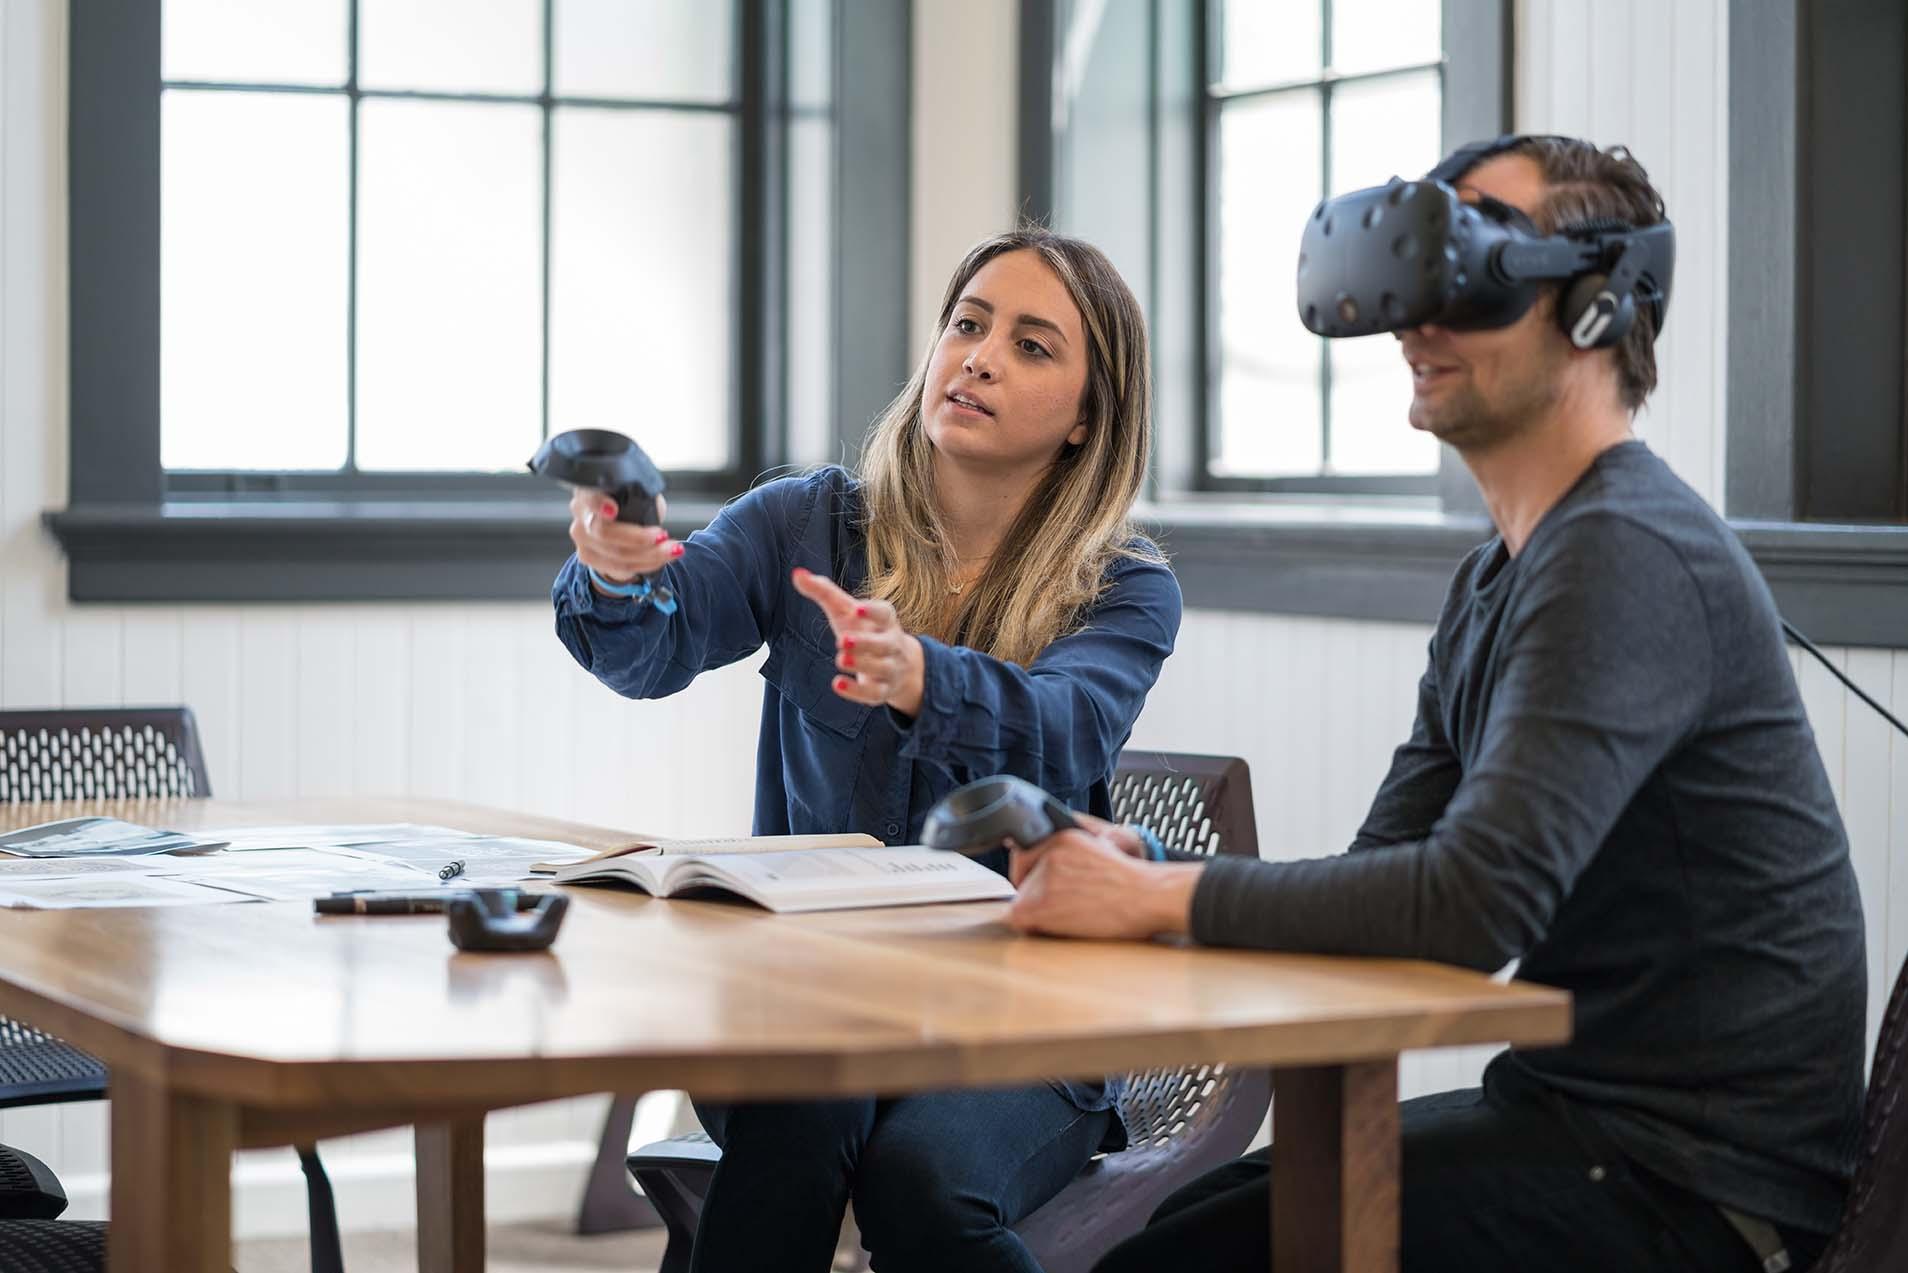 Using VR in design